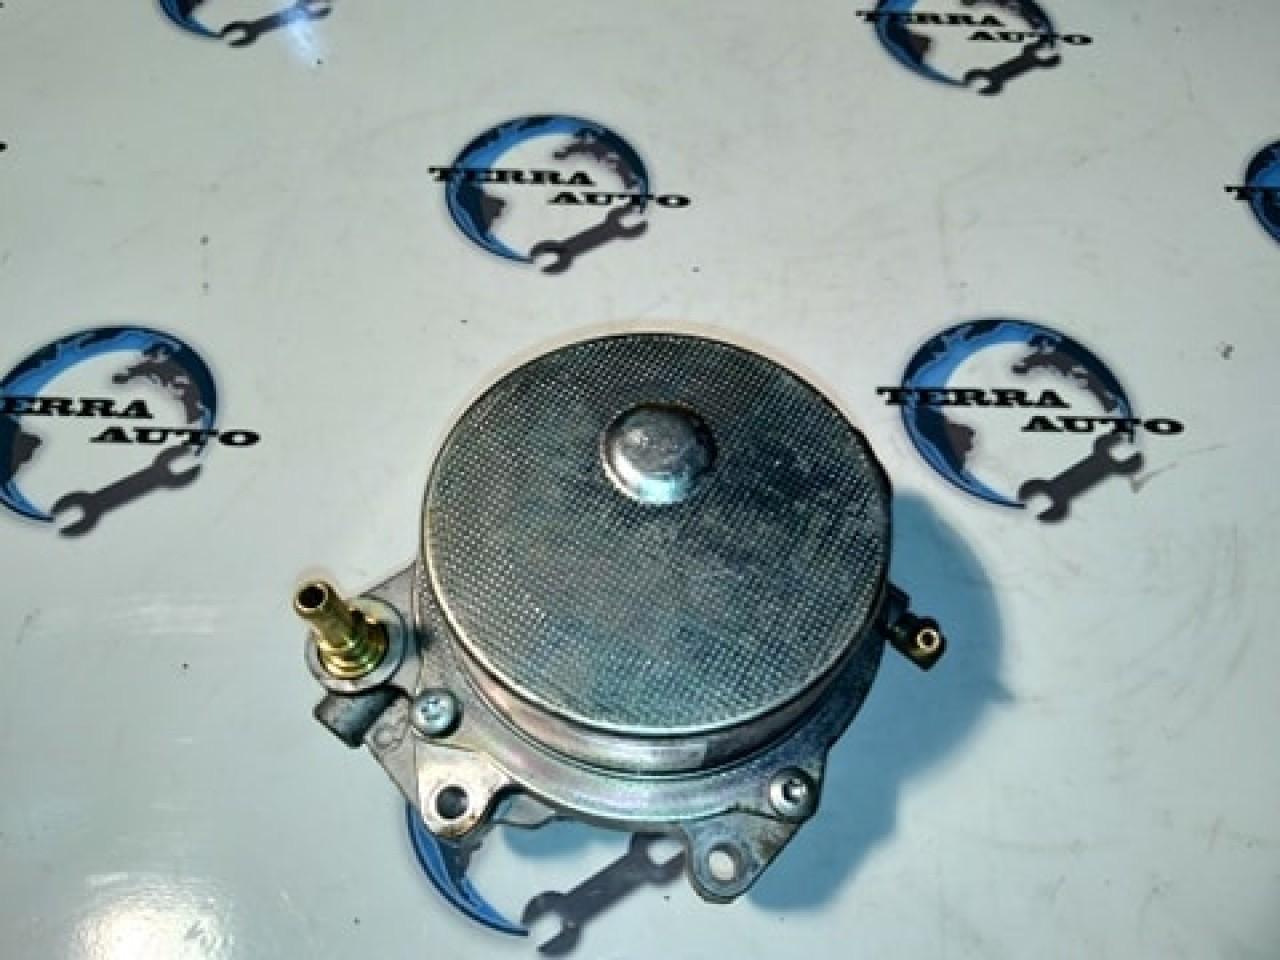 Pompa vacuum Opel Zafira Tourer C (P12) 2.0 cdti 118 kw 160 cp cod motor A20DTH